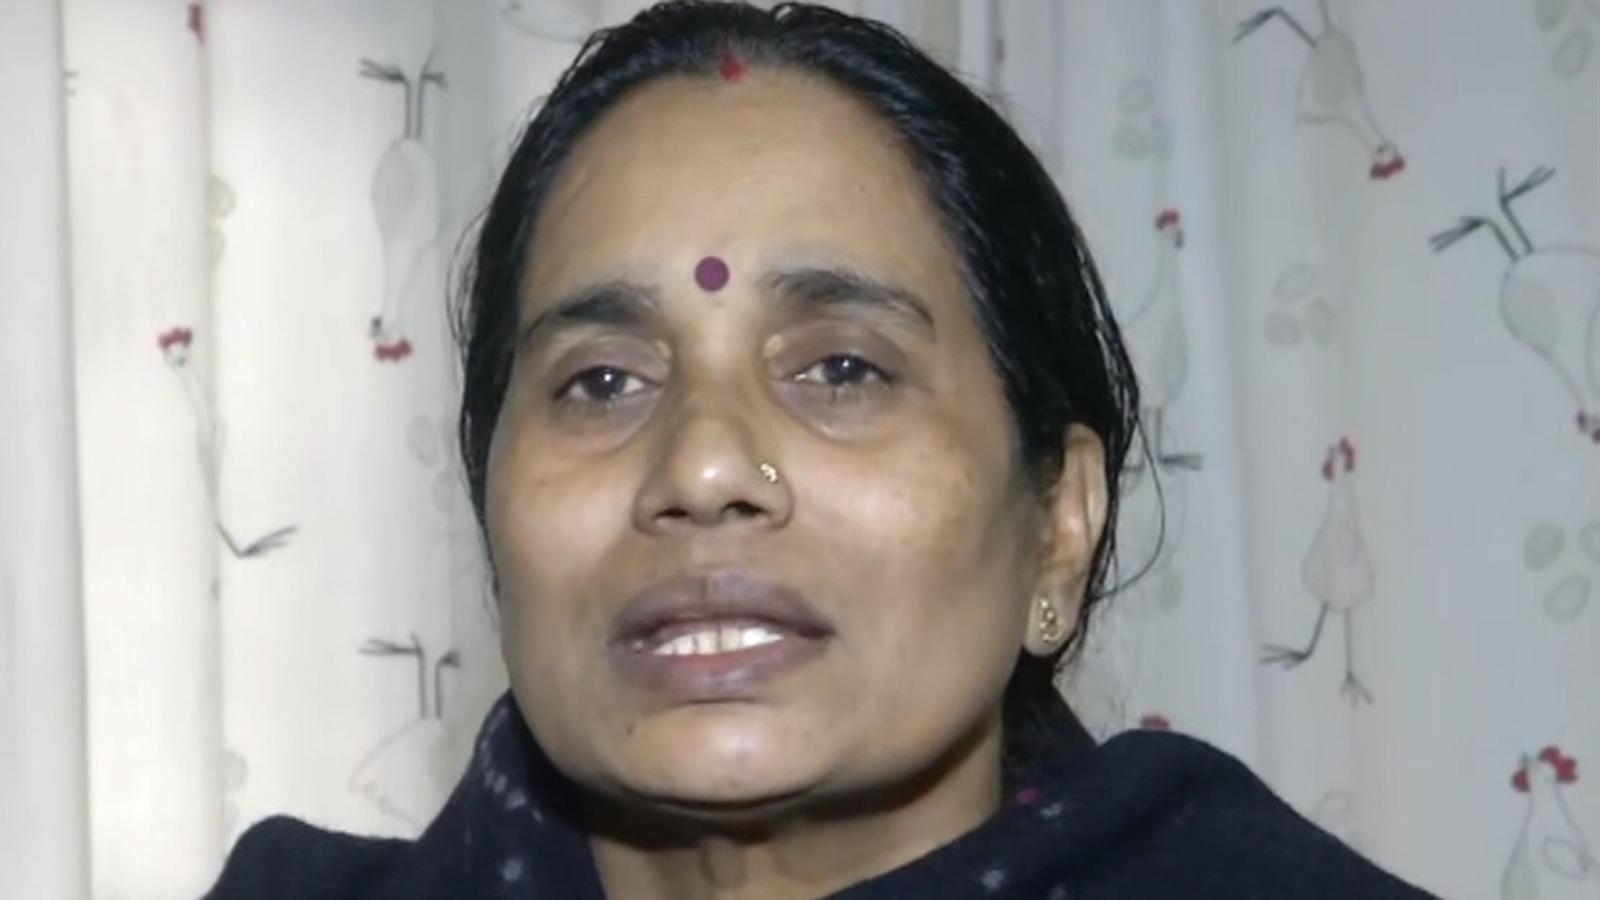 unnao-rape-victims-death-our-system-failed-once-again-says-nirbhayas-mother